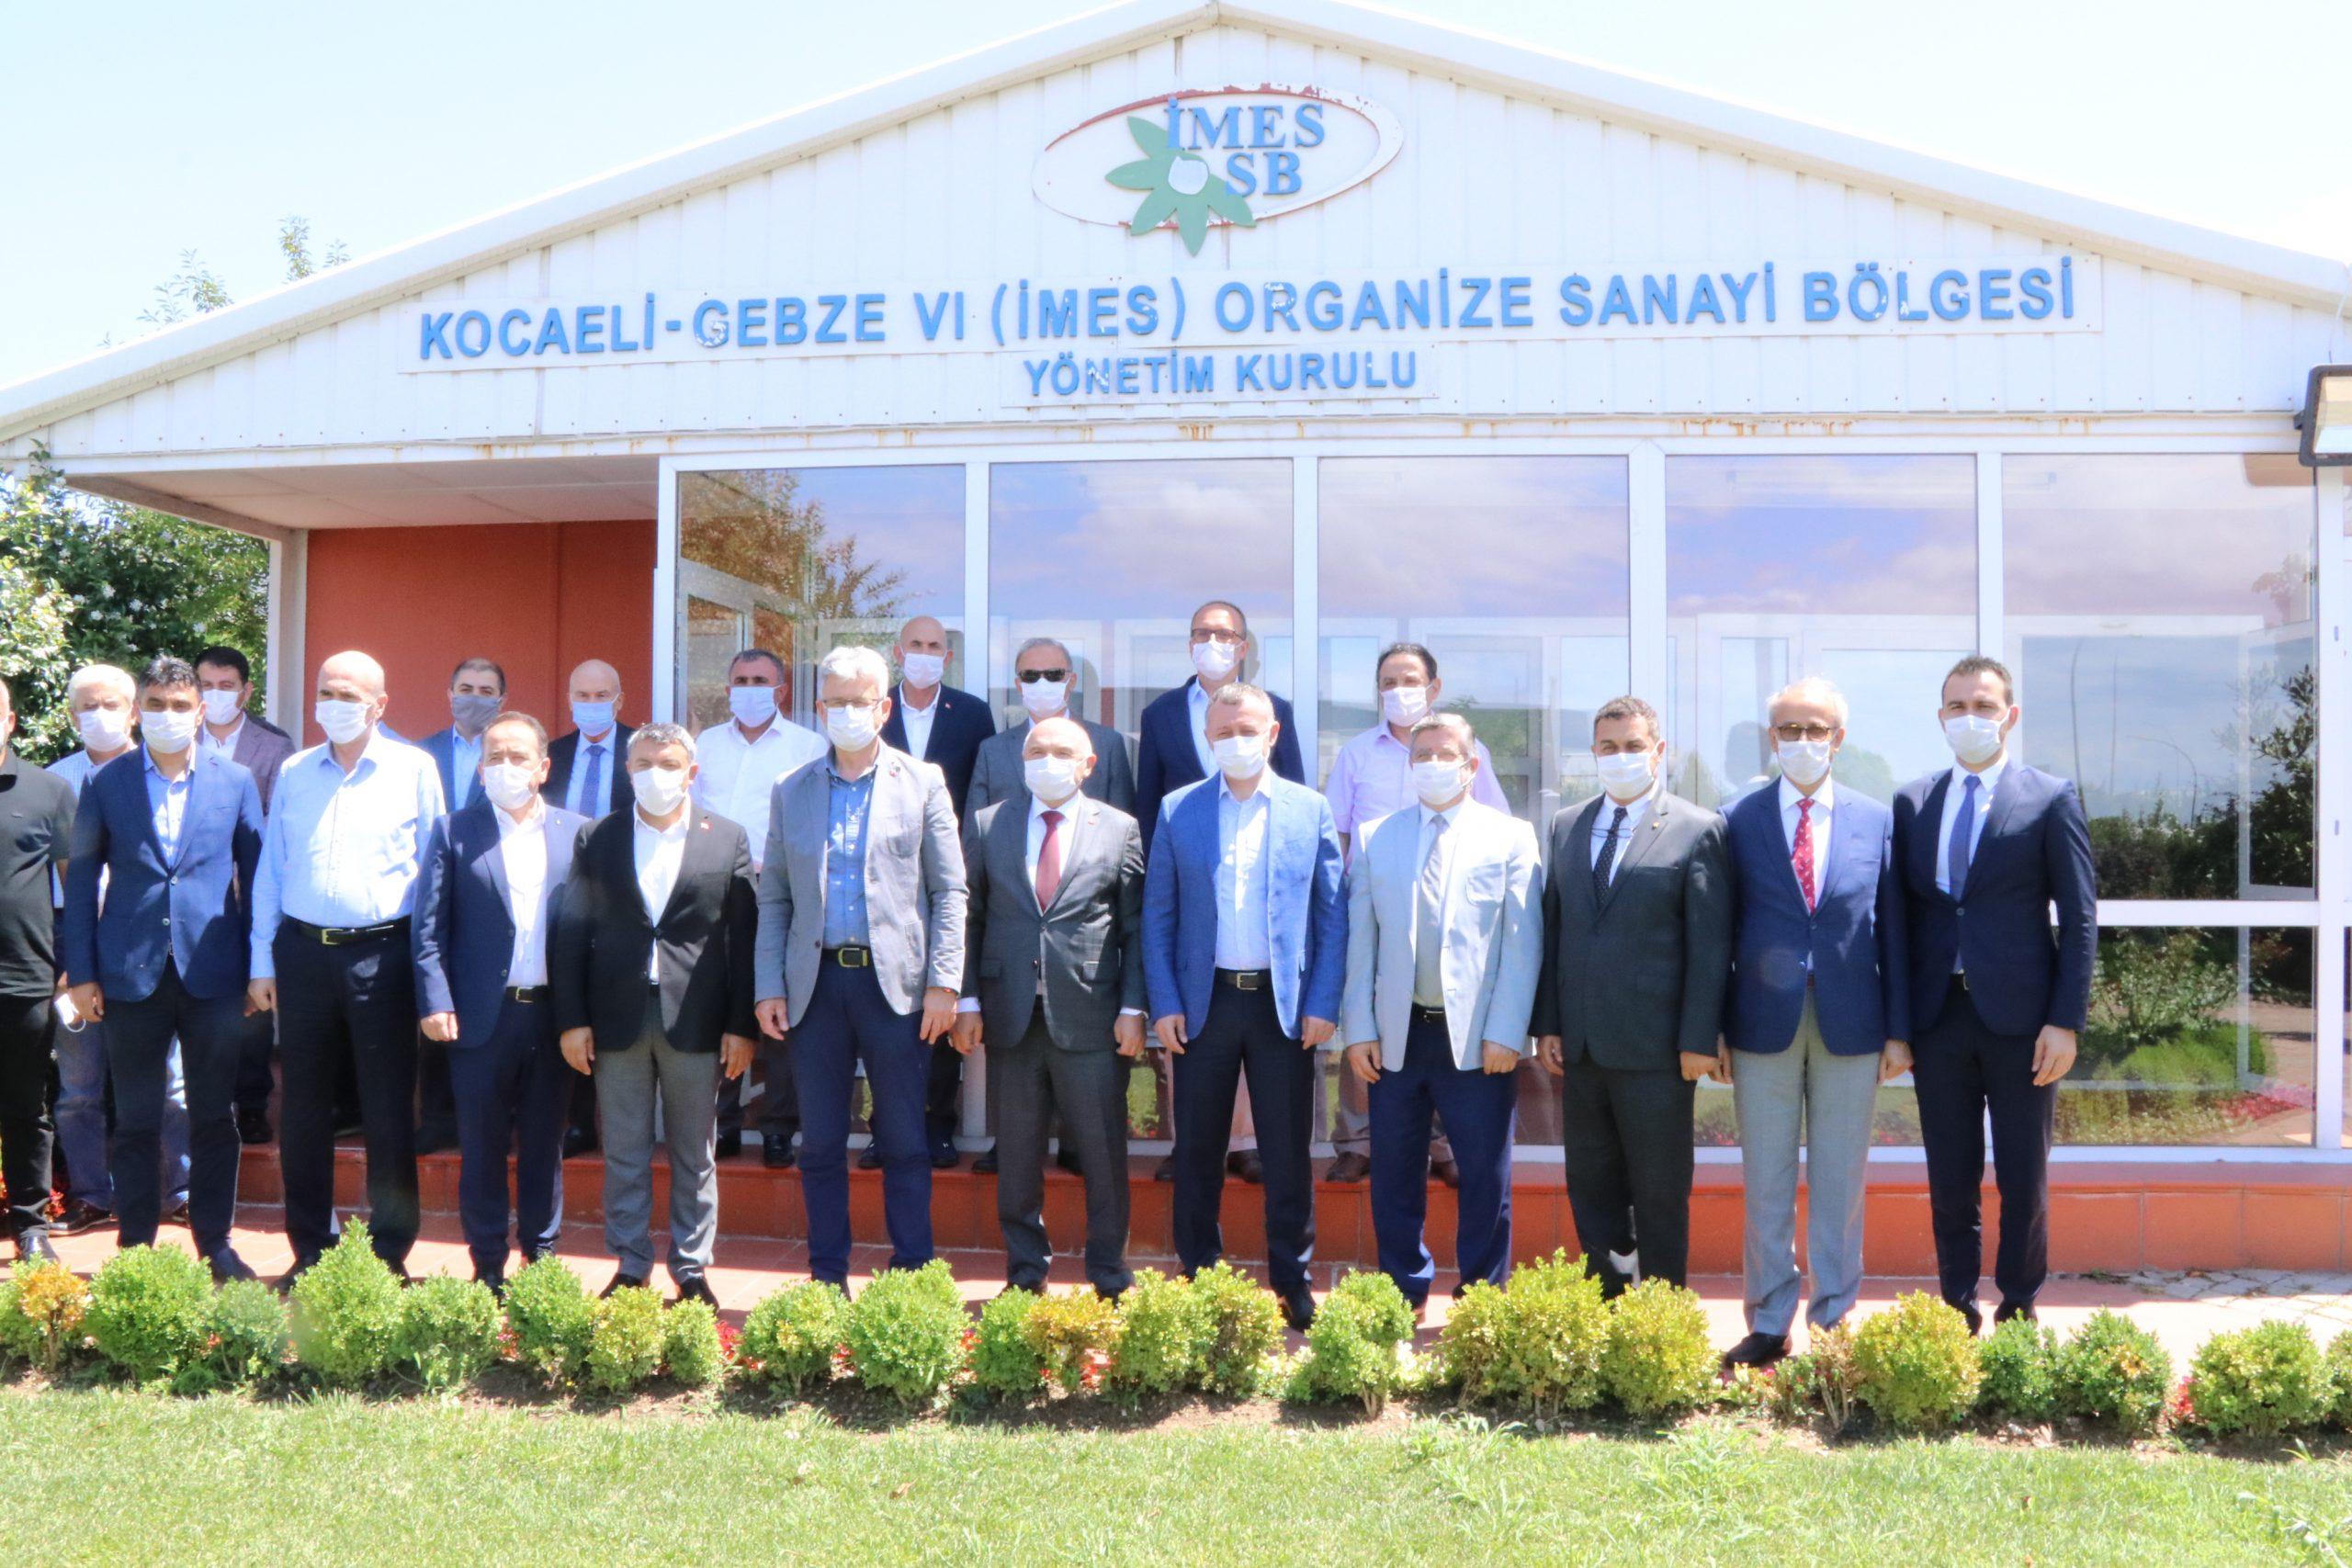 Kocaeli Büyükşehir Belediye Başkanı Tahir BÜYÜKAKIN'dan İMES OSB'ye Ziyaret